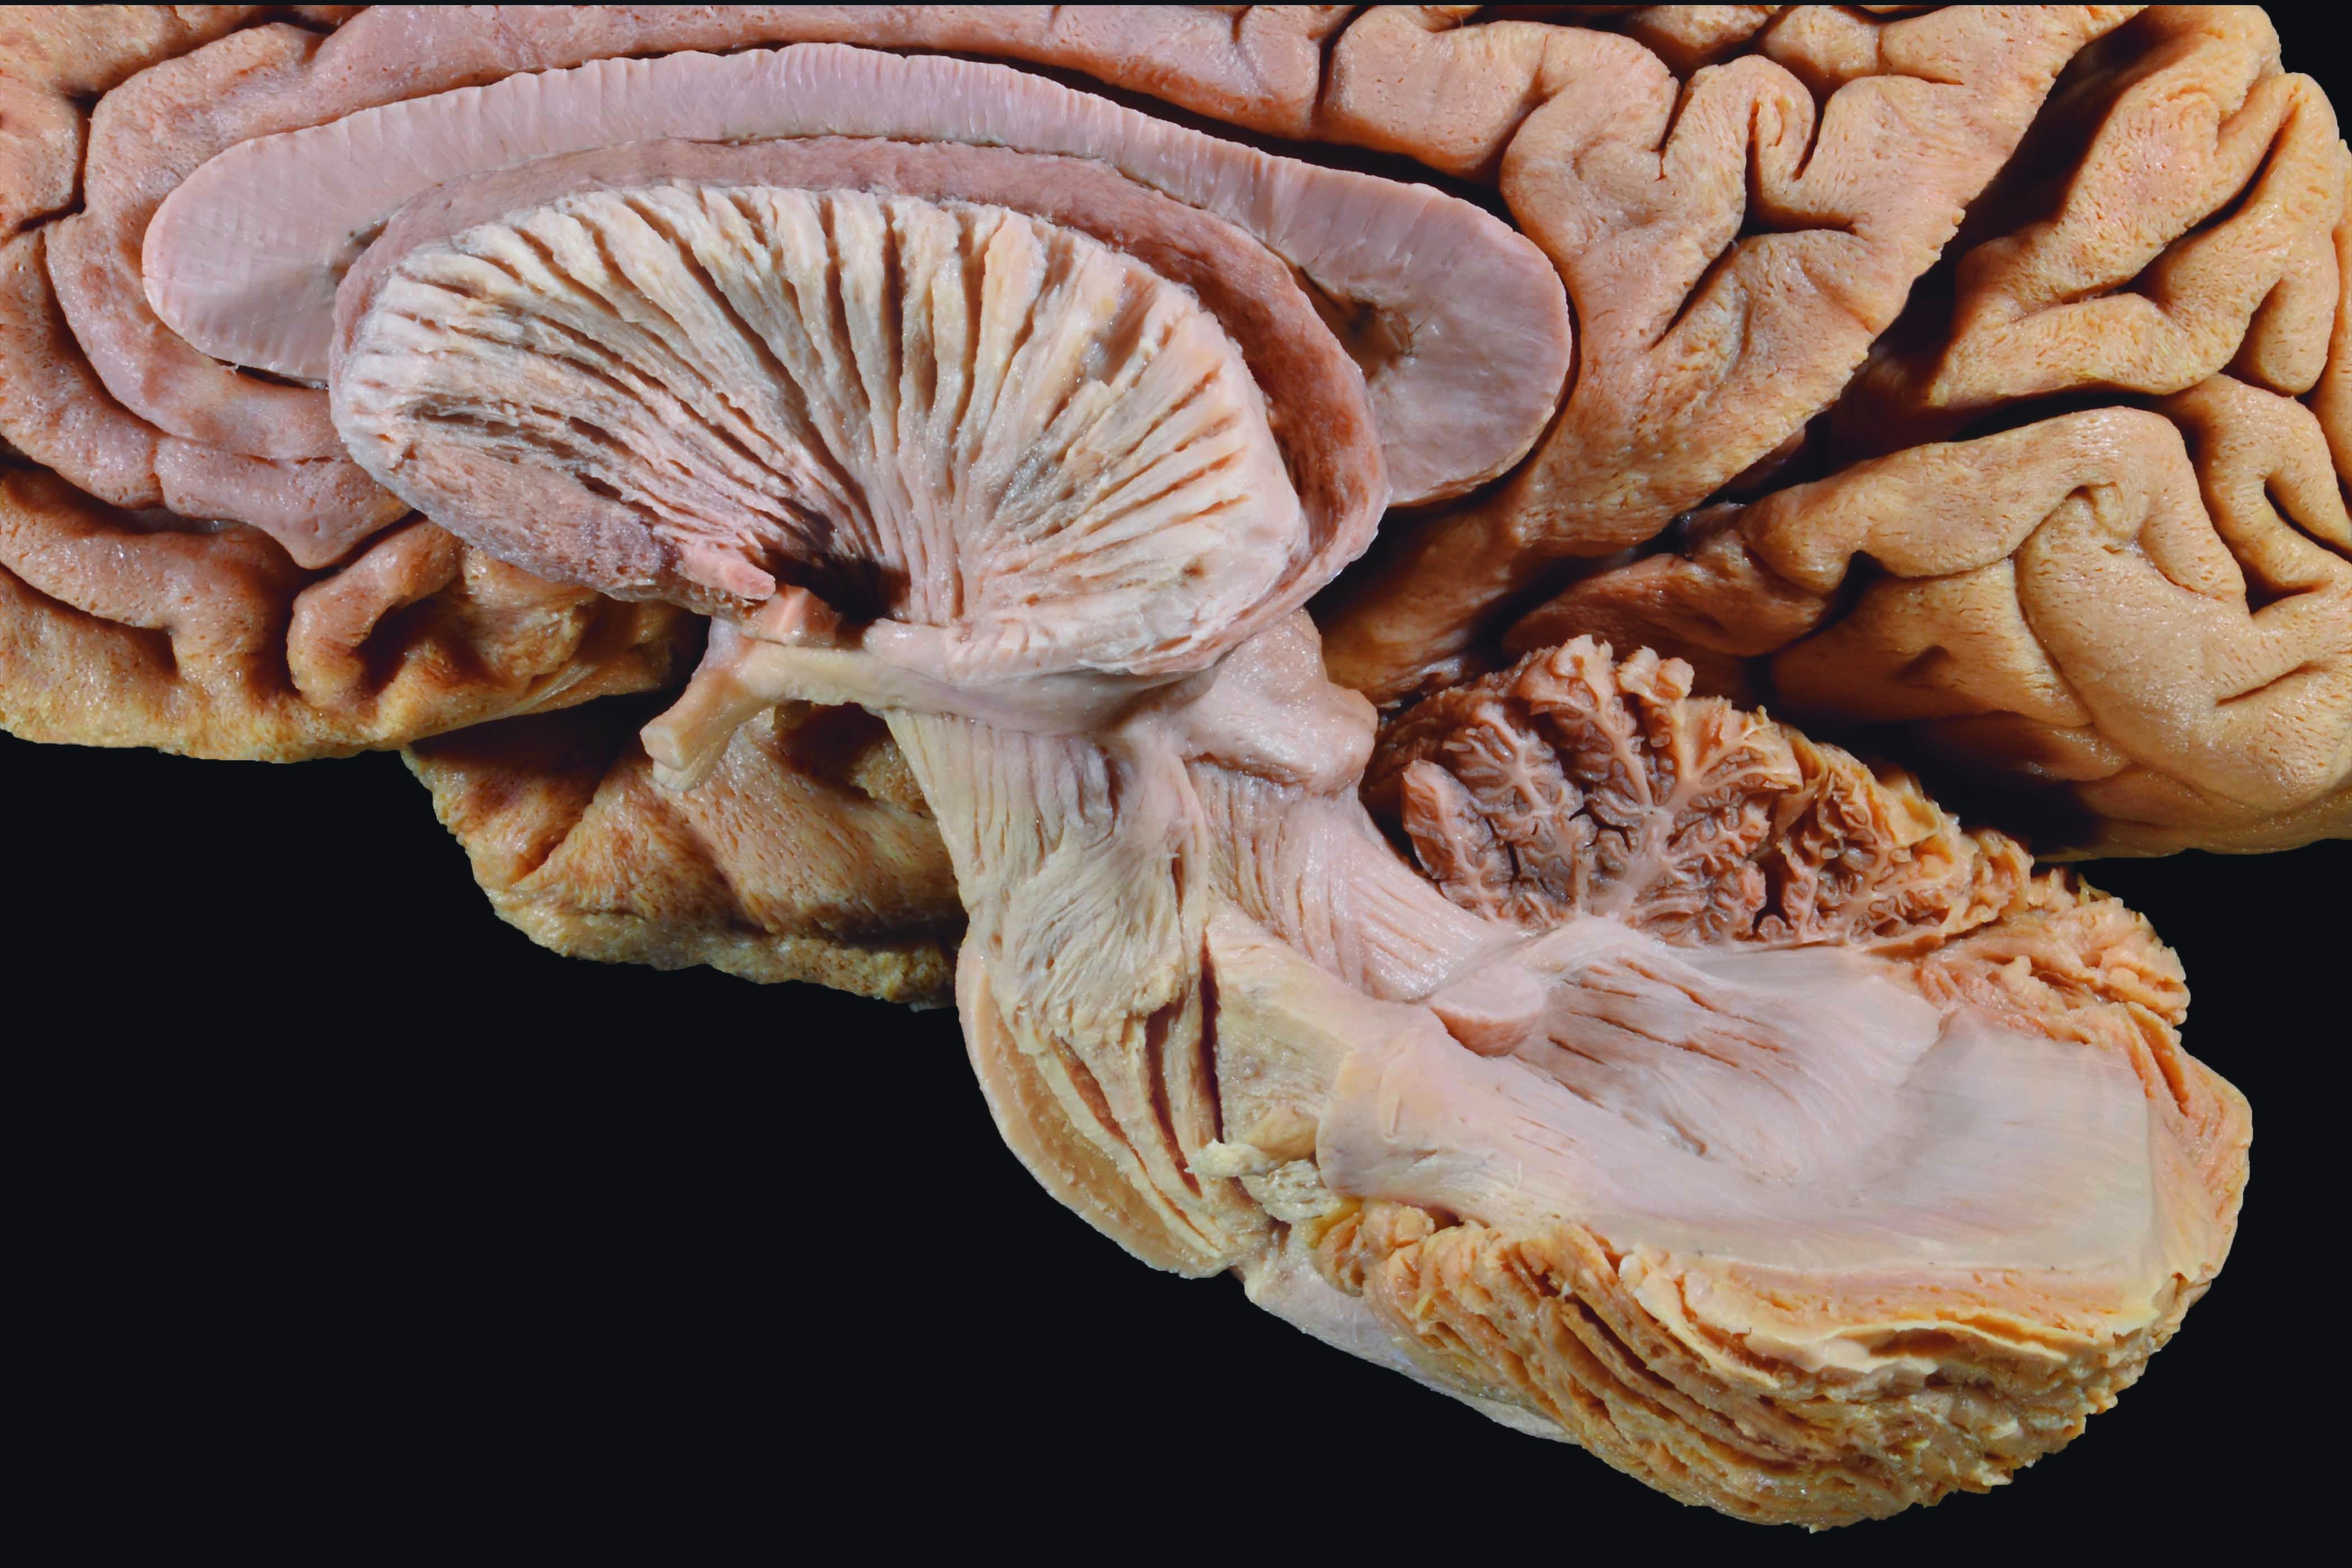 Los resultados de la investigación premiada permiten mejorar la interpretación de imágenes de resonancia magnética y tractografía cerebral, en la detección de lesiones en el interior del tronco-encéfalo y cerebelo.